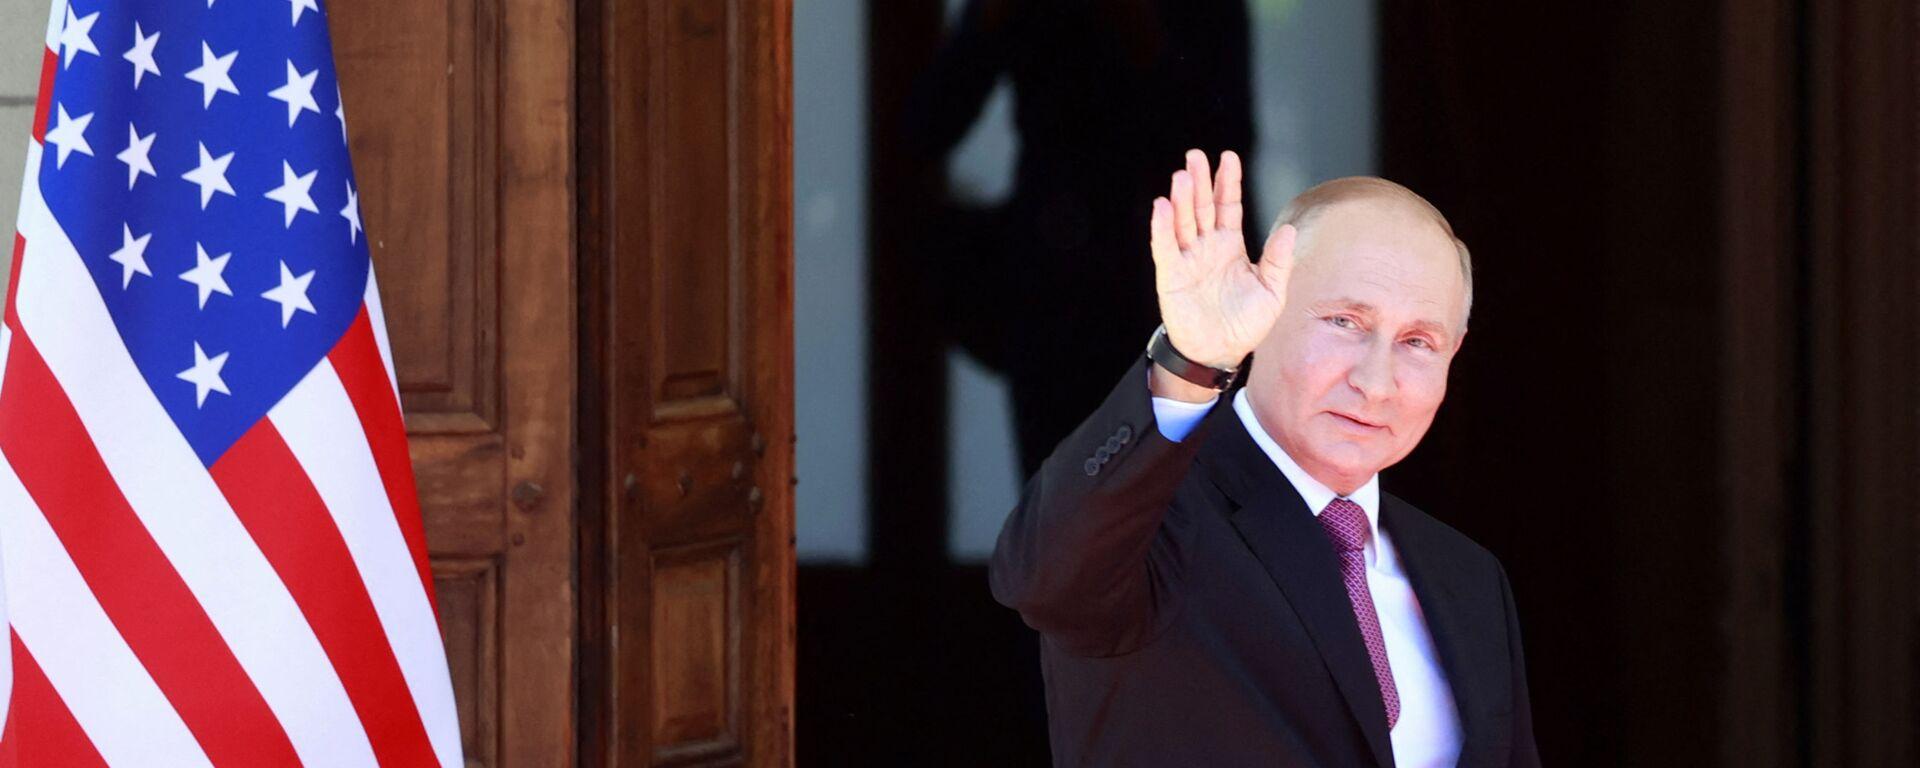 Владимир Путин - Sputnik Србија, 1920, 17.06.2021